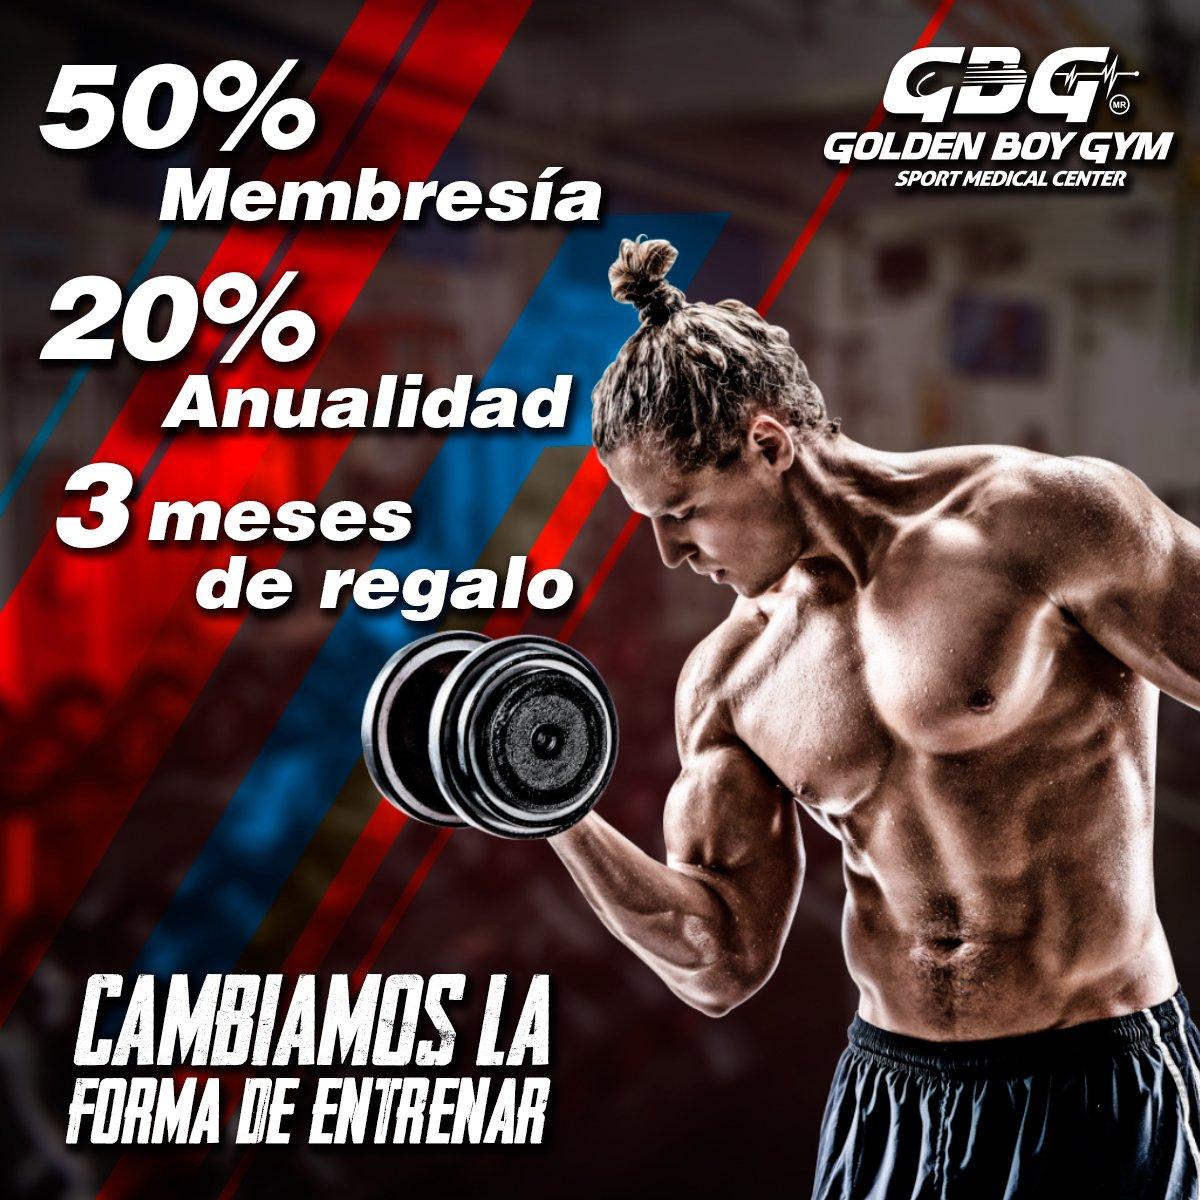 50% en tu membresía 20% en tu anualidad 3 meses de regalo #CambiamosLaFormaDeEntrenar  *Aplica a restricciones *Tel: 52430169 https://t.co/NA6EJqAXbq